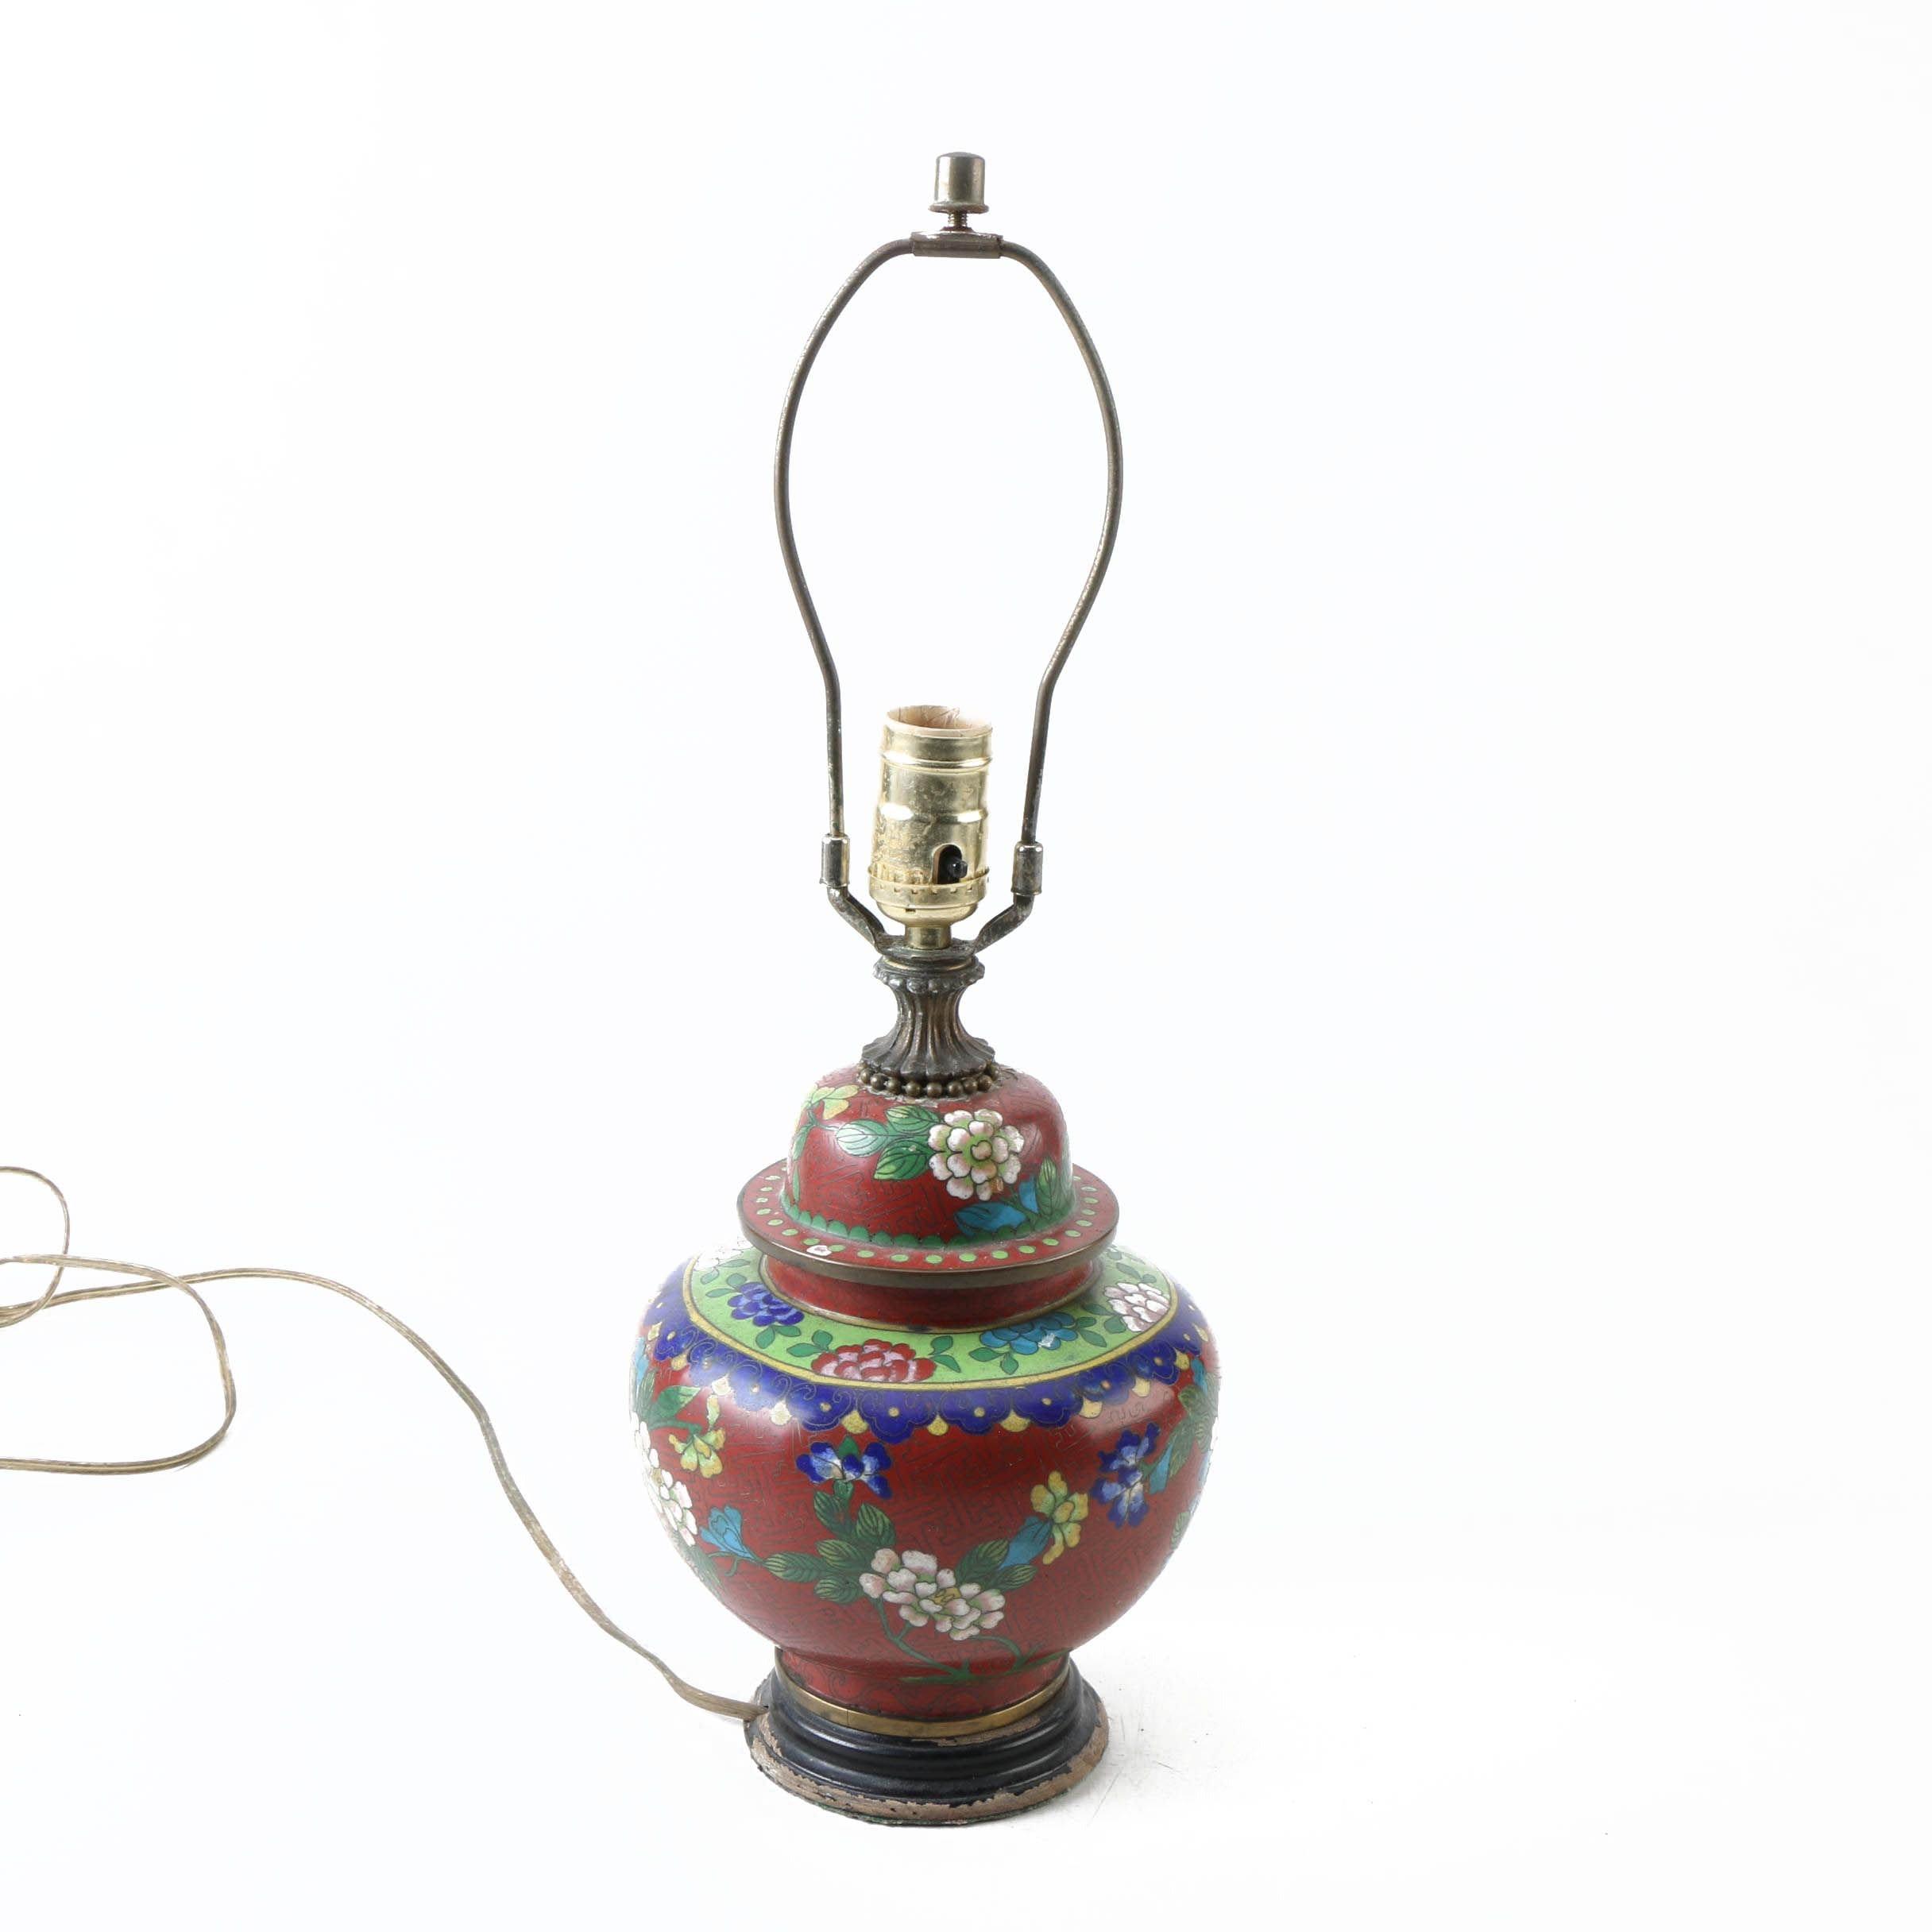 Vintage Chinese Cloisonné Accent Lamp